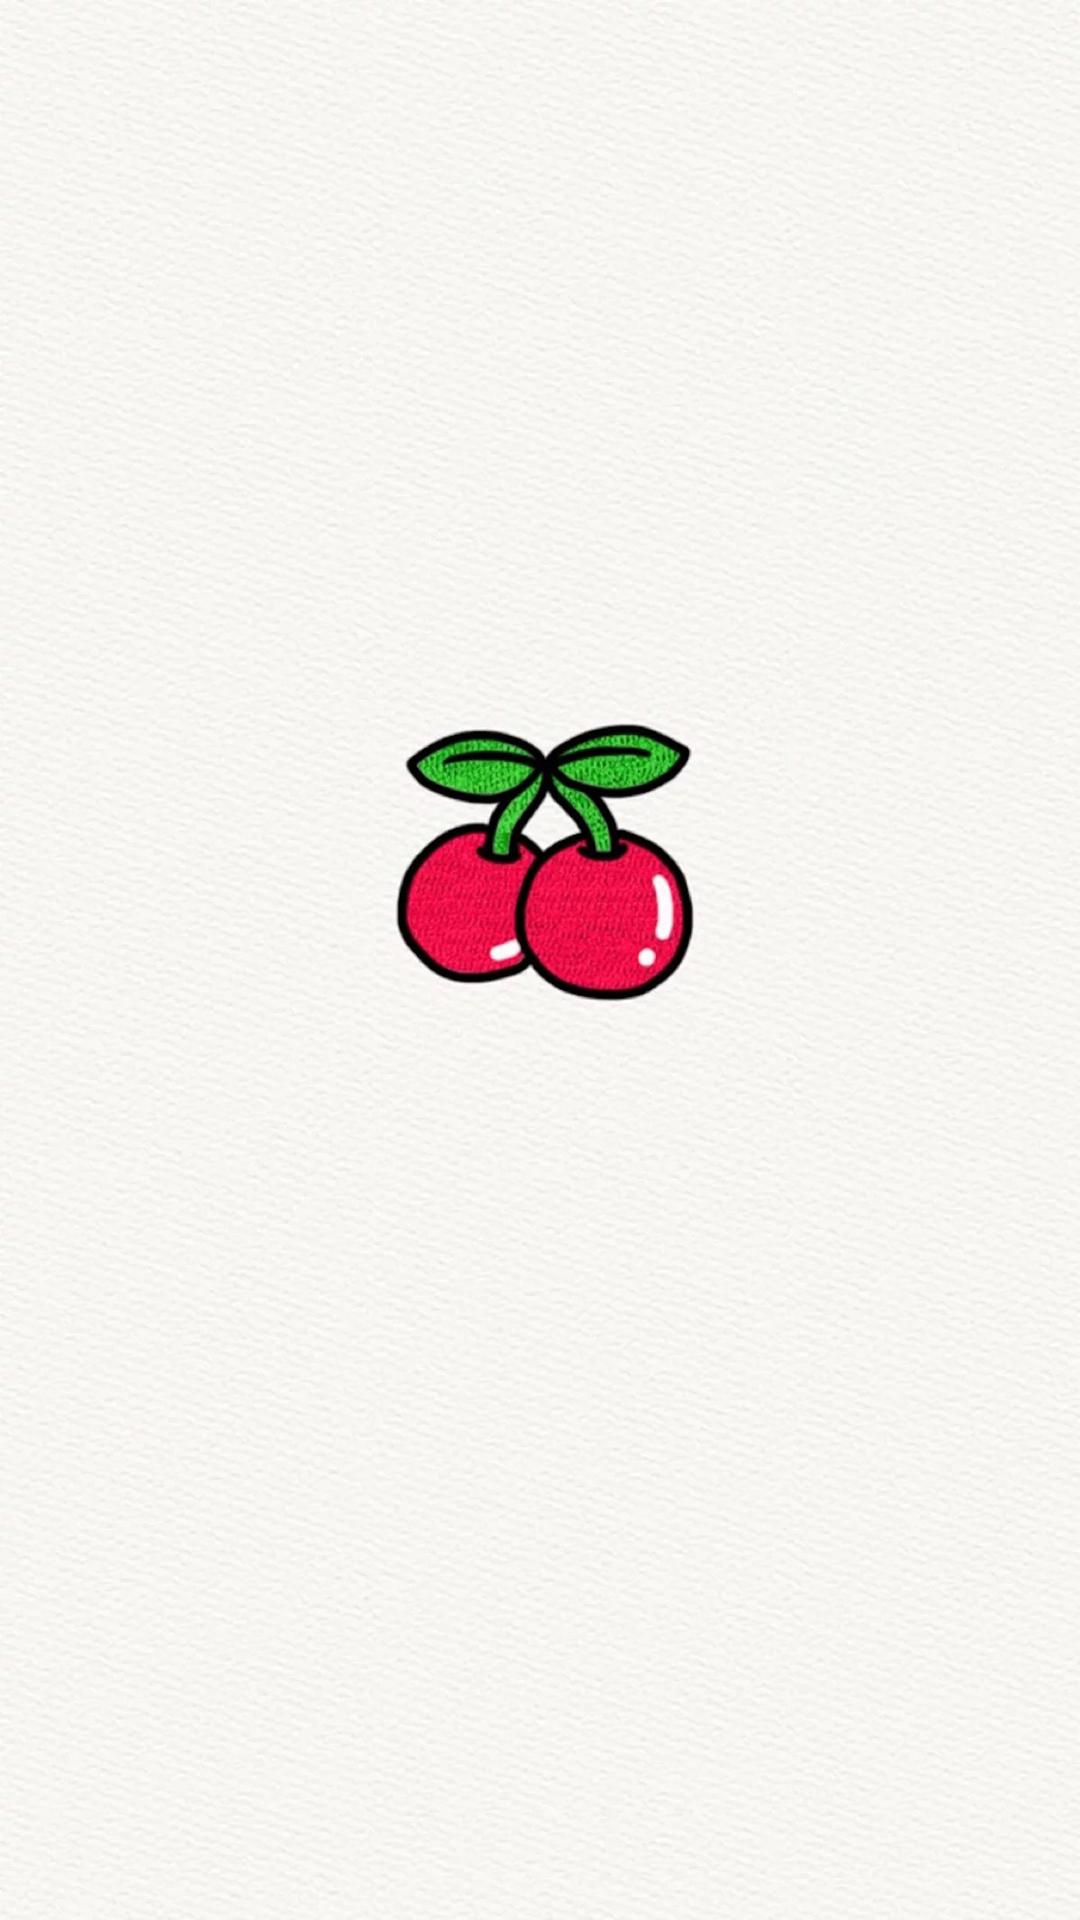 樱桃 车厘子 简笔画 手绘 水果